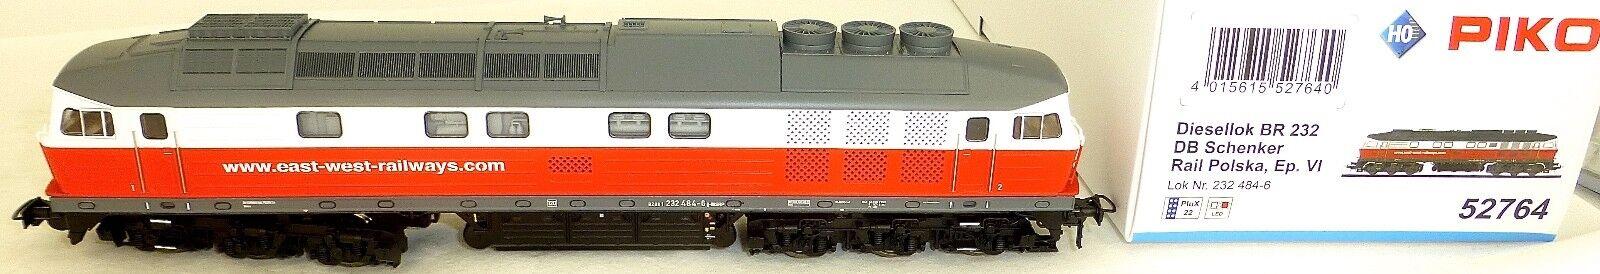 Br 232 484-6 Srp Polska East West Rail Ep Vi Dss Piko 52764 H0 1 87 New HV1 Μ